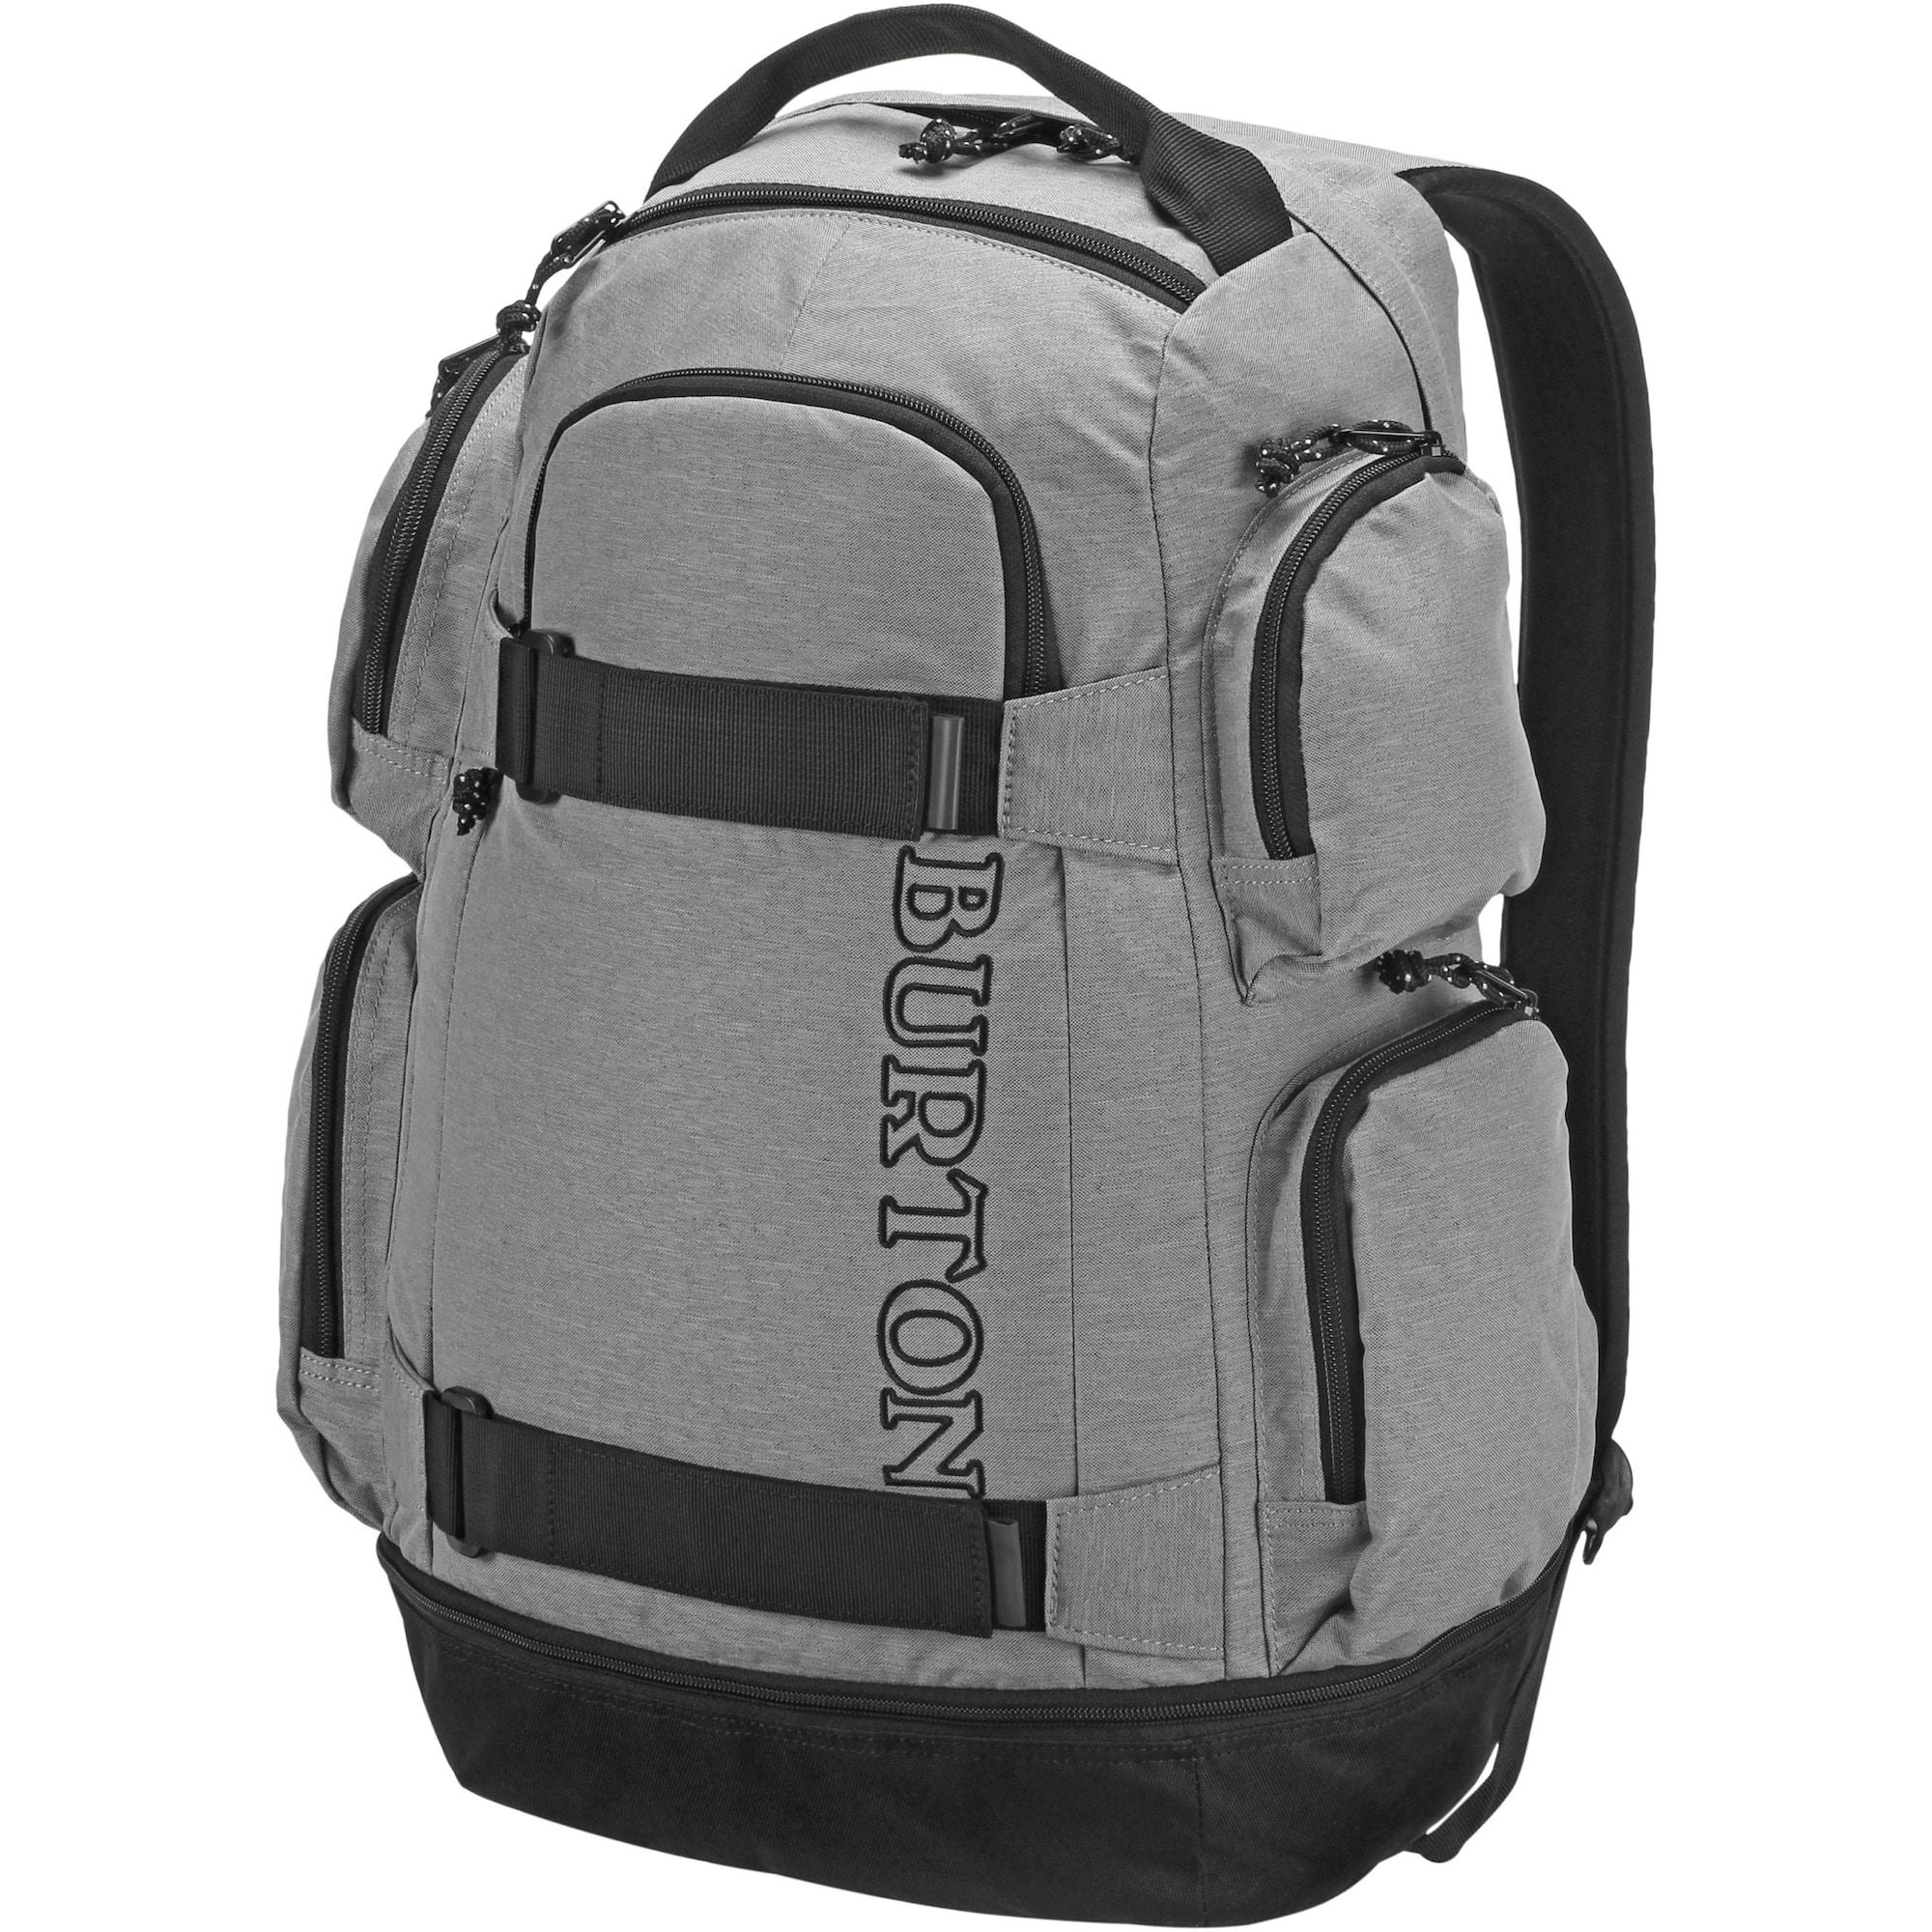 'DISTORTION PACK X' Daypack | Taschen > Rucksäcke > Tourenrucksäcke | Grau - Schwarz | Burton